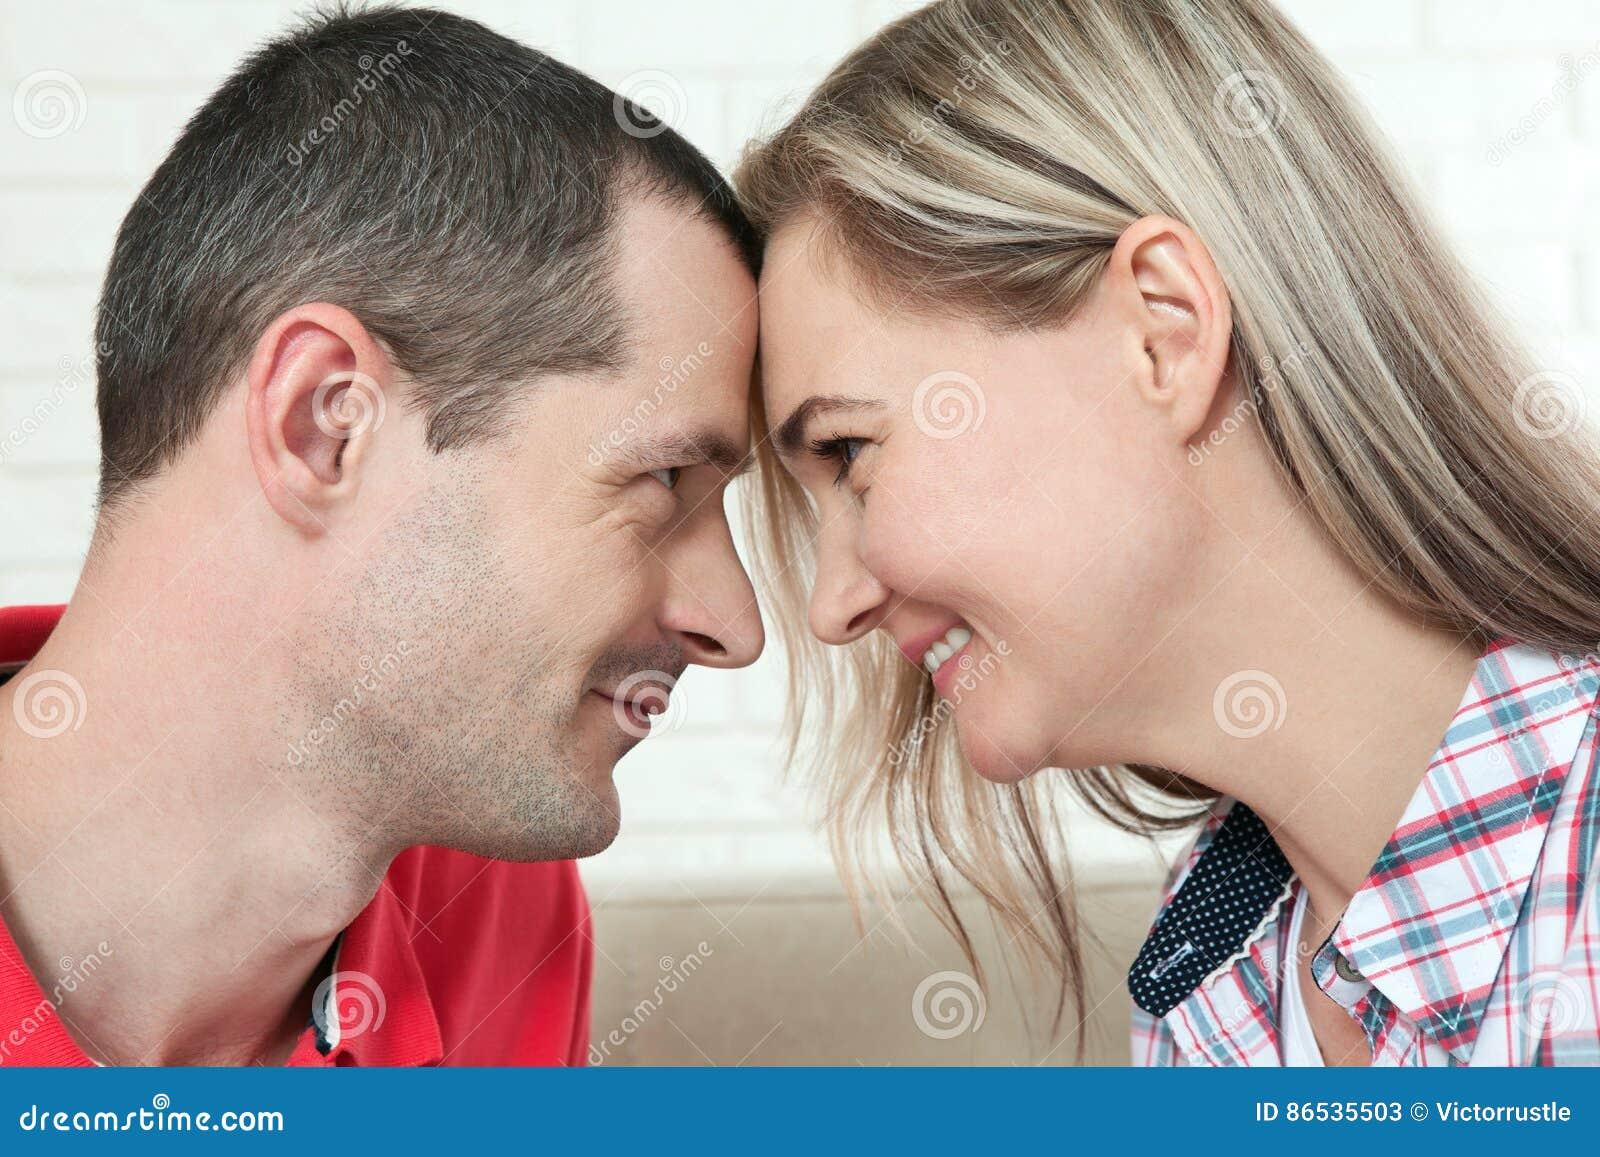 Gratis oudere vrouw jongere man dating sites